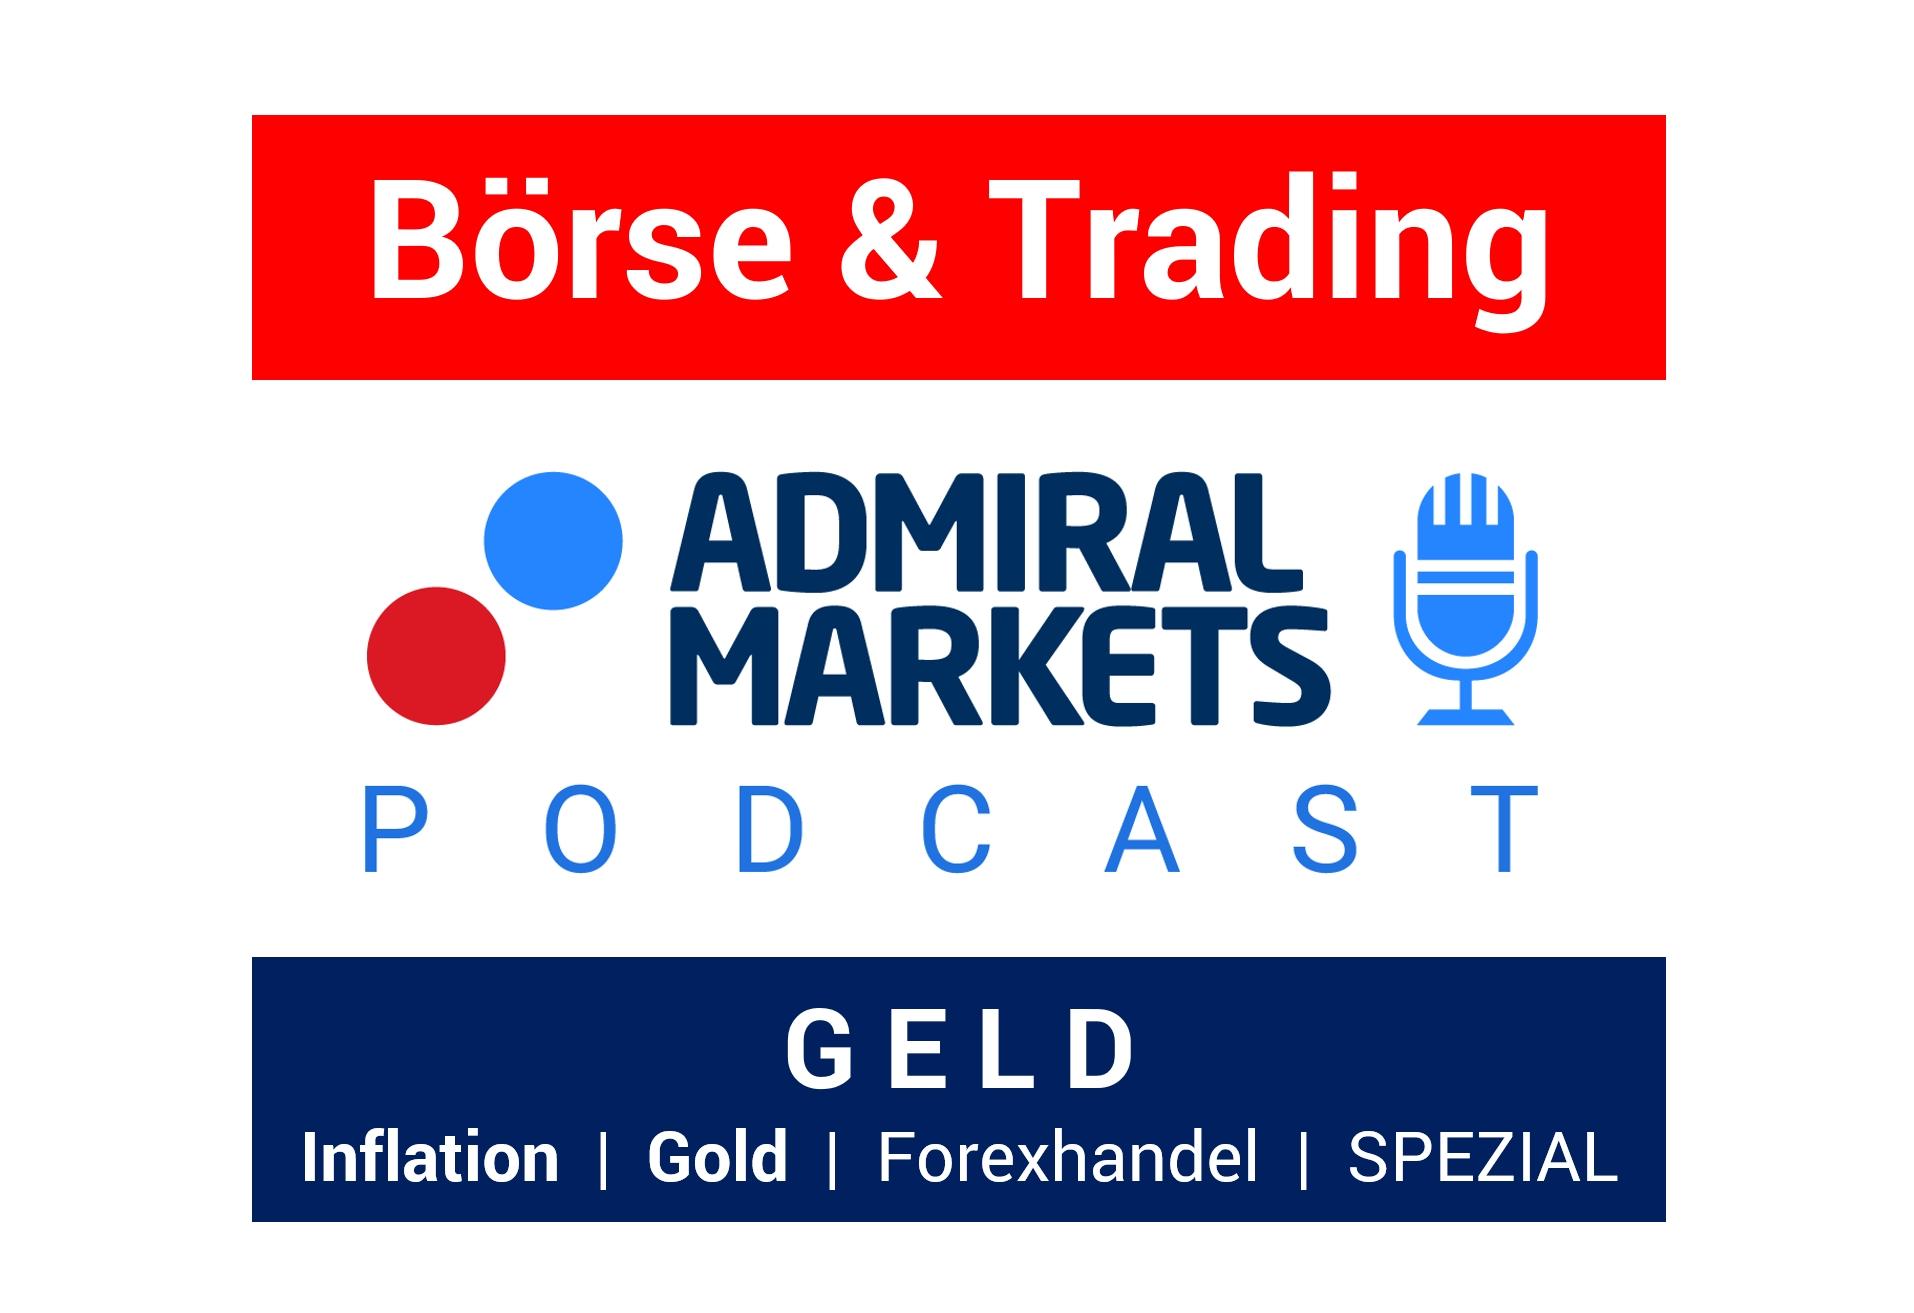 GELD-Ein-Podcast-Spezial-Die-Geschichte-von-Geld-Inflation-und-Schutz-davor-Gold-als-Sicherer-Hafen-MMT-Kommentar-Jens-Chrzanowski-GodmodeTrader.de-1